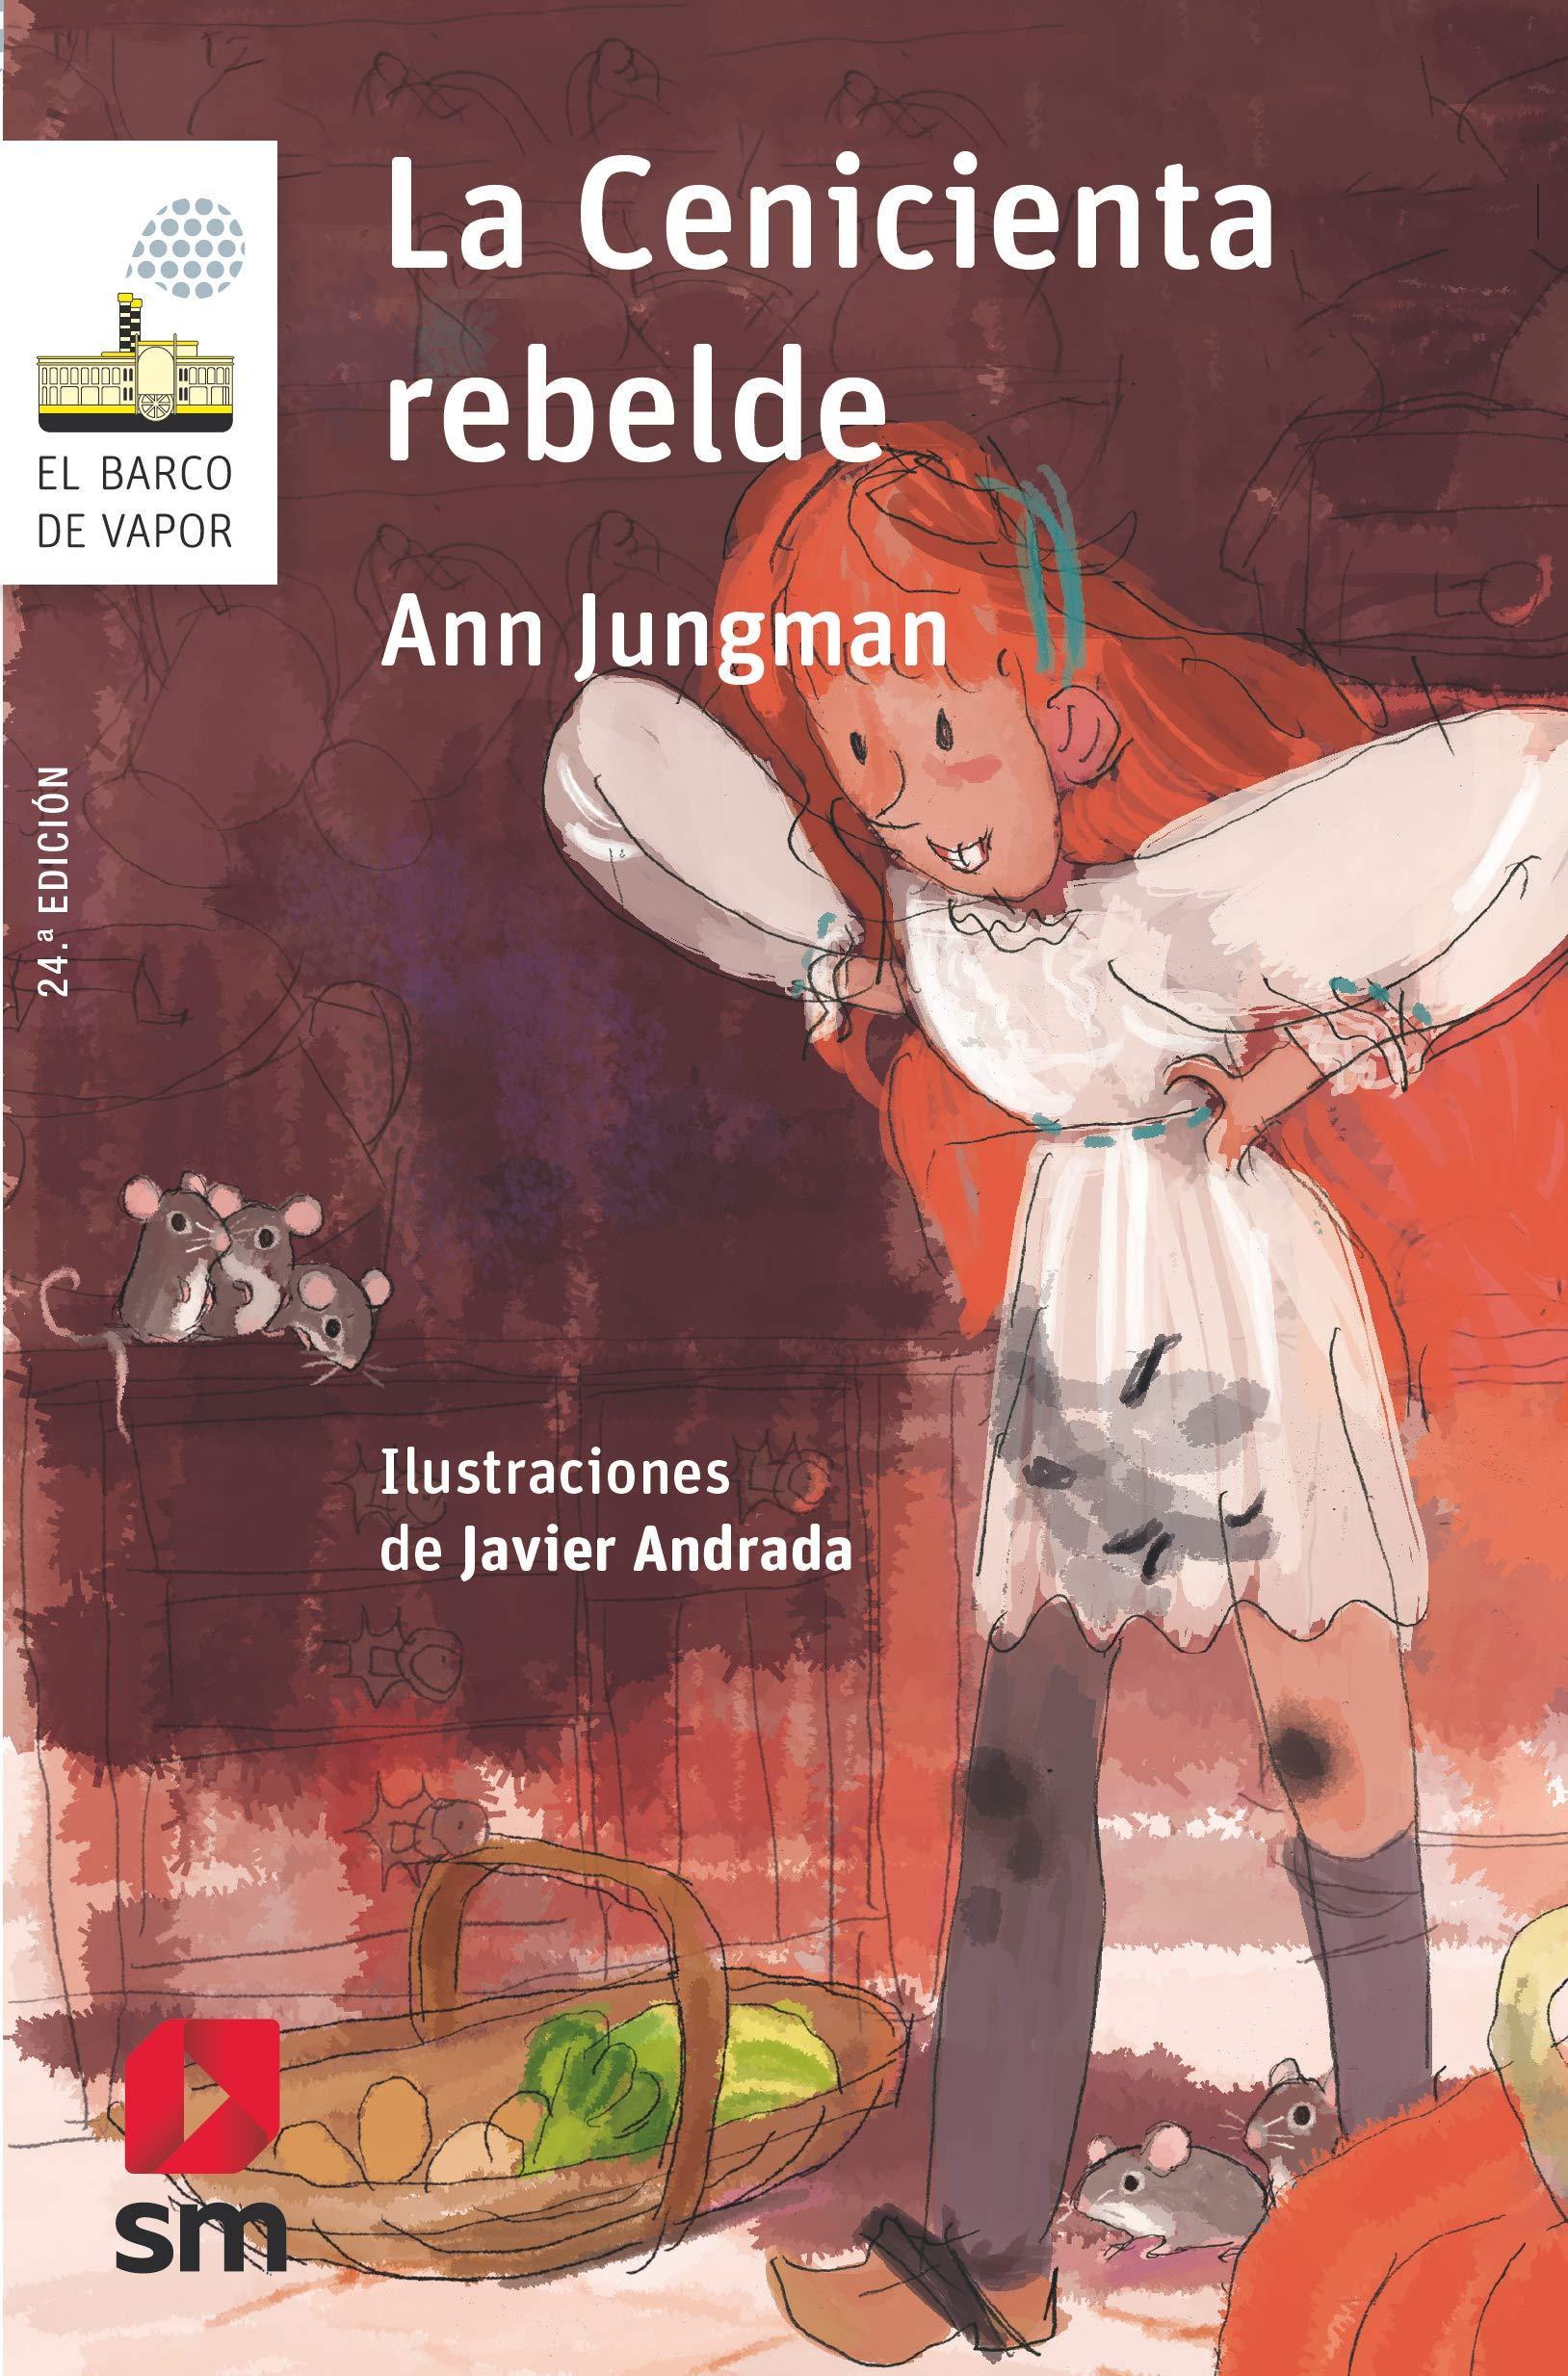 La Cenicienta rebelde (El Barco de Vapor Blanca): Amazon.es: Ann Jungman,  Javier Andrada Guerrero, Paz Barroso: Libros